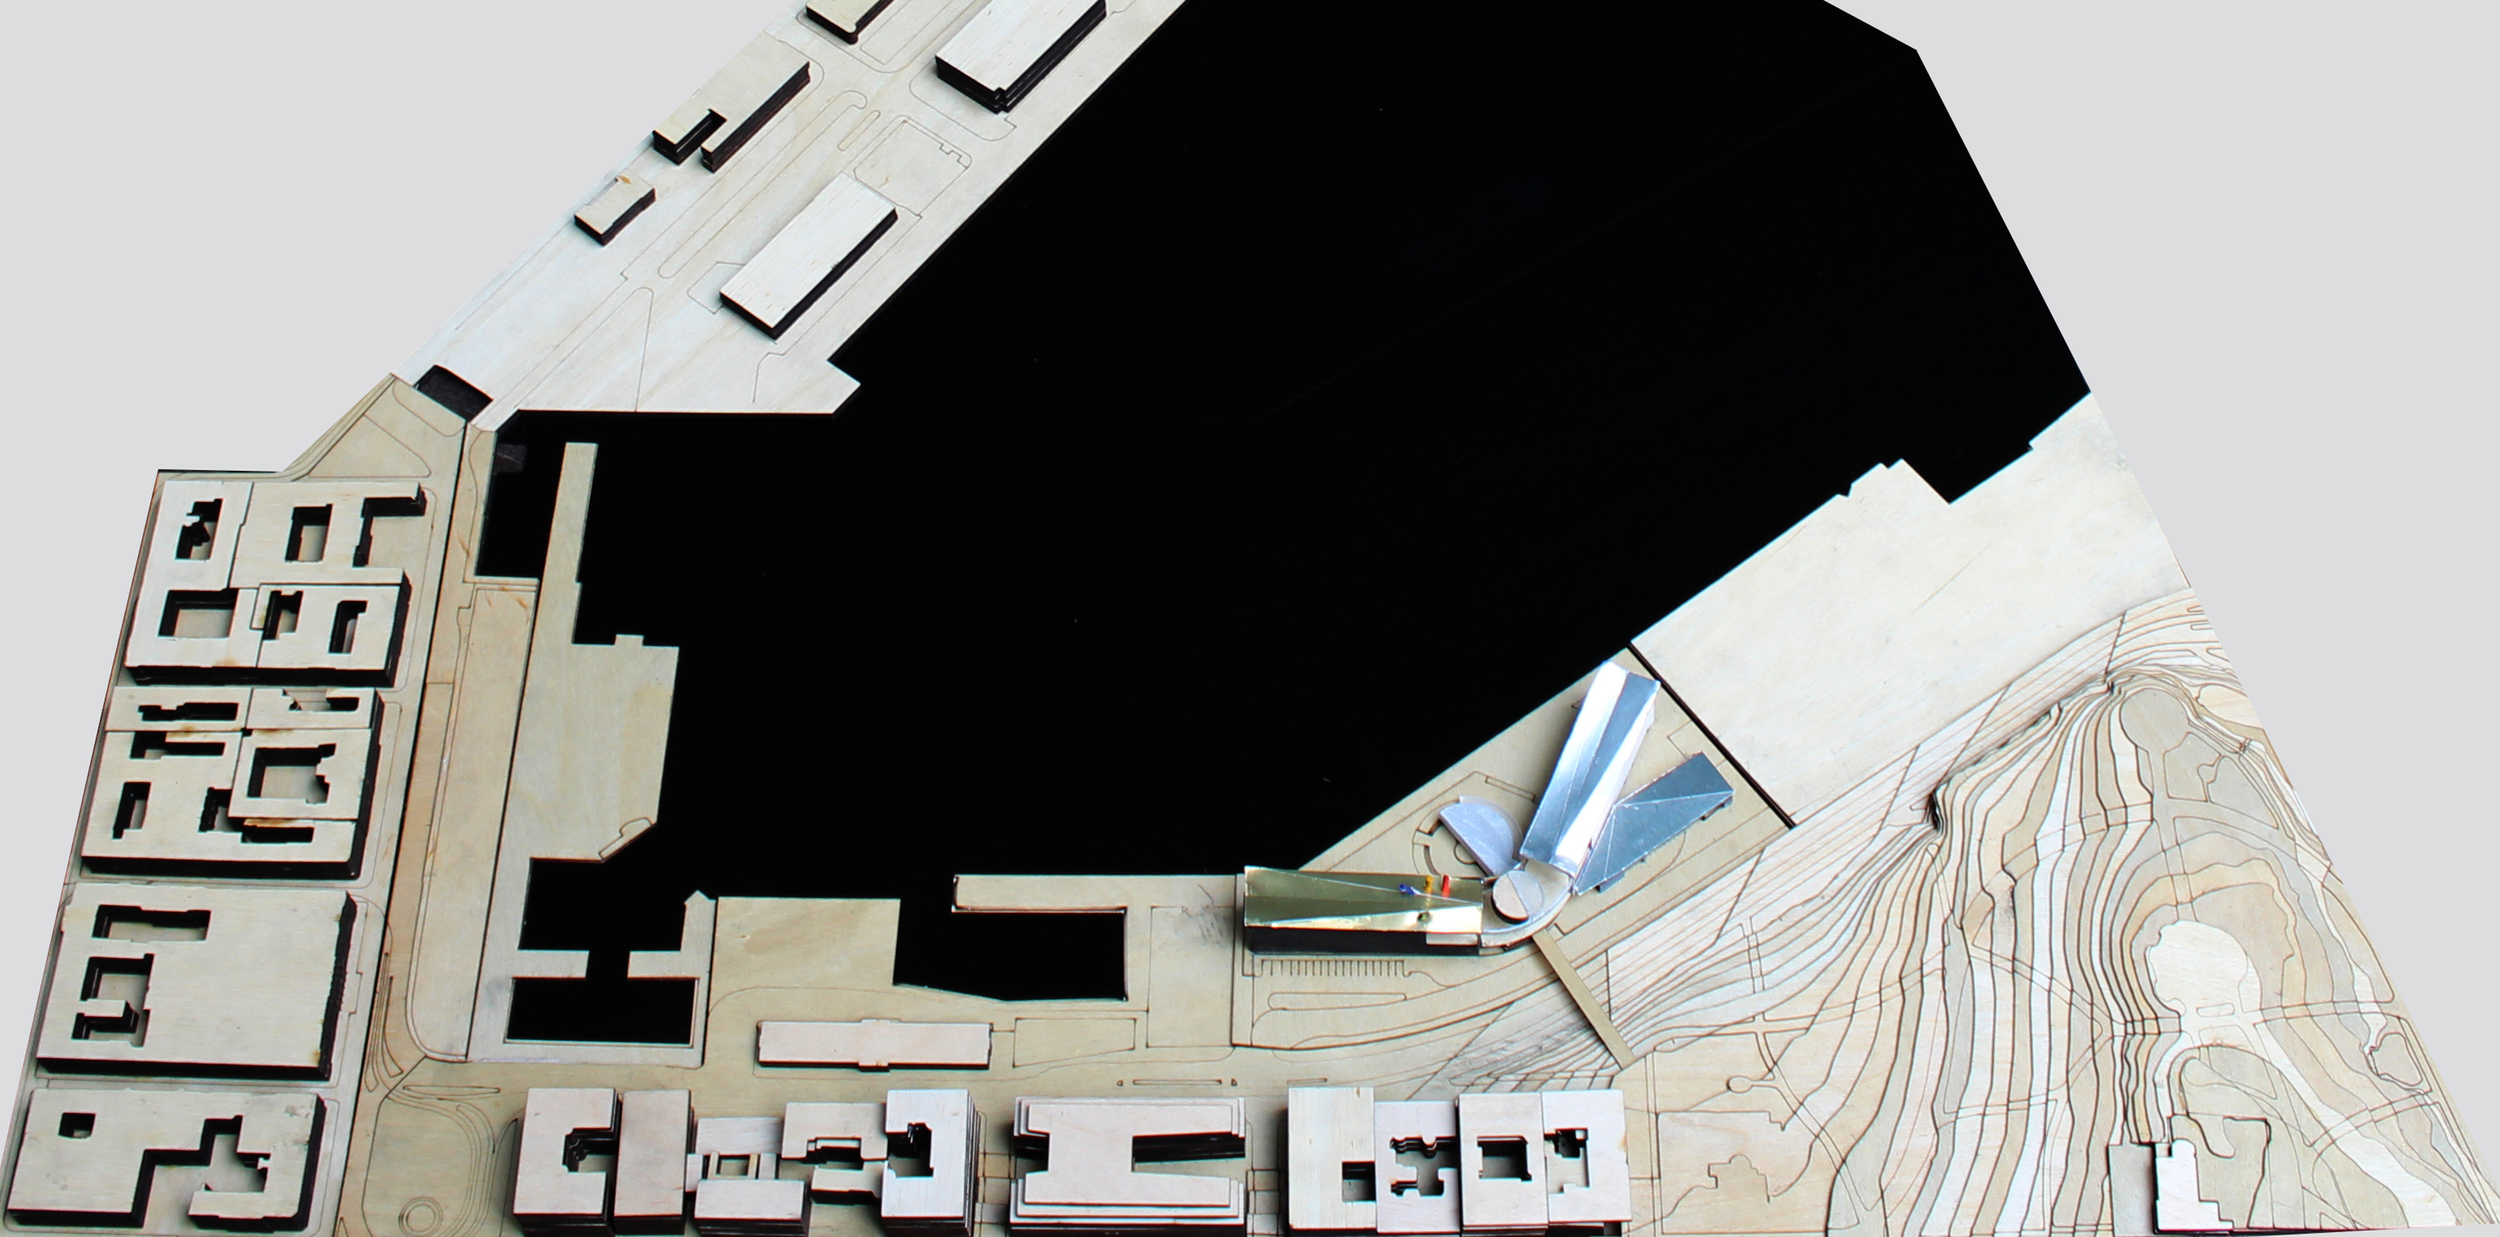 Guggenheim_Model1.jpg